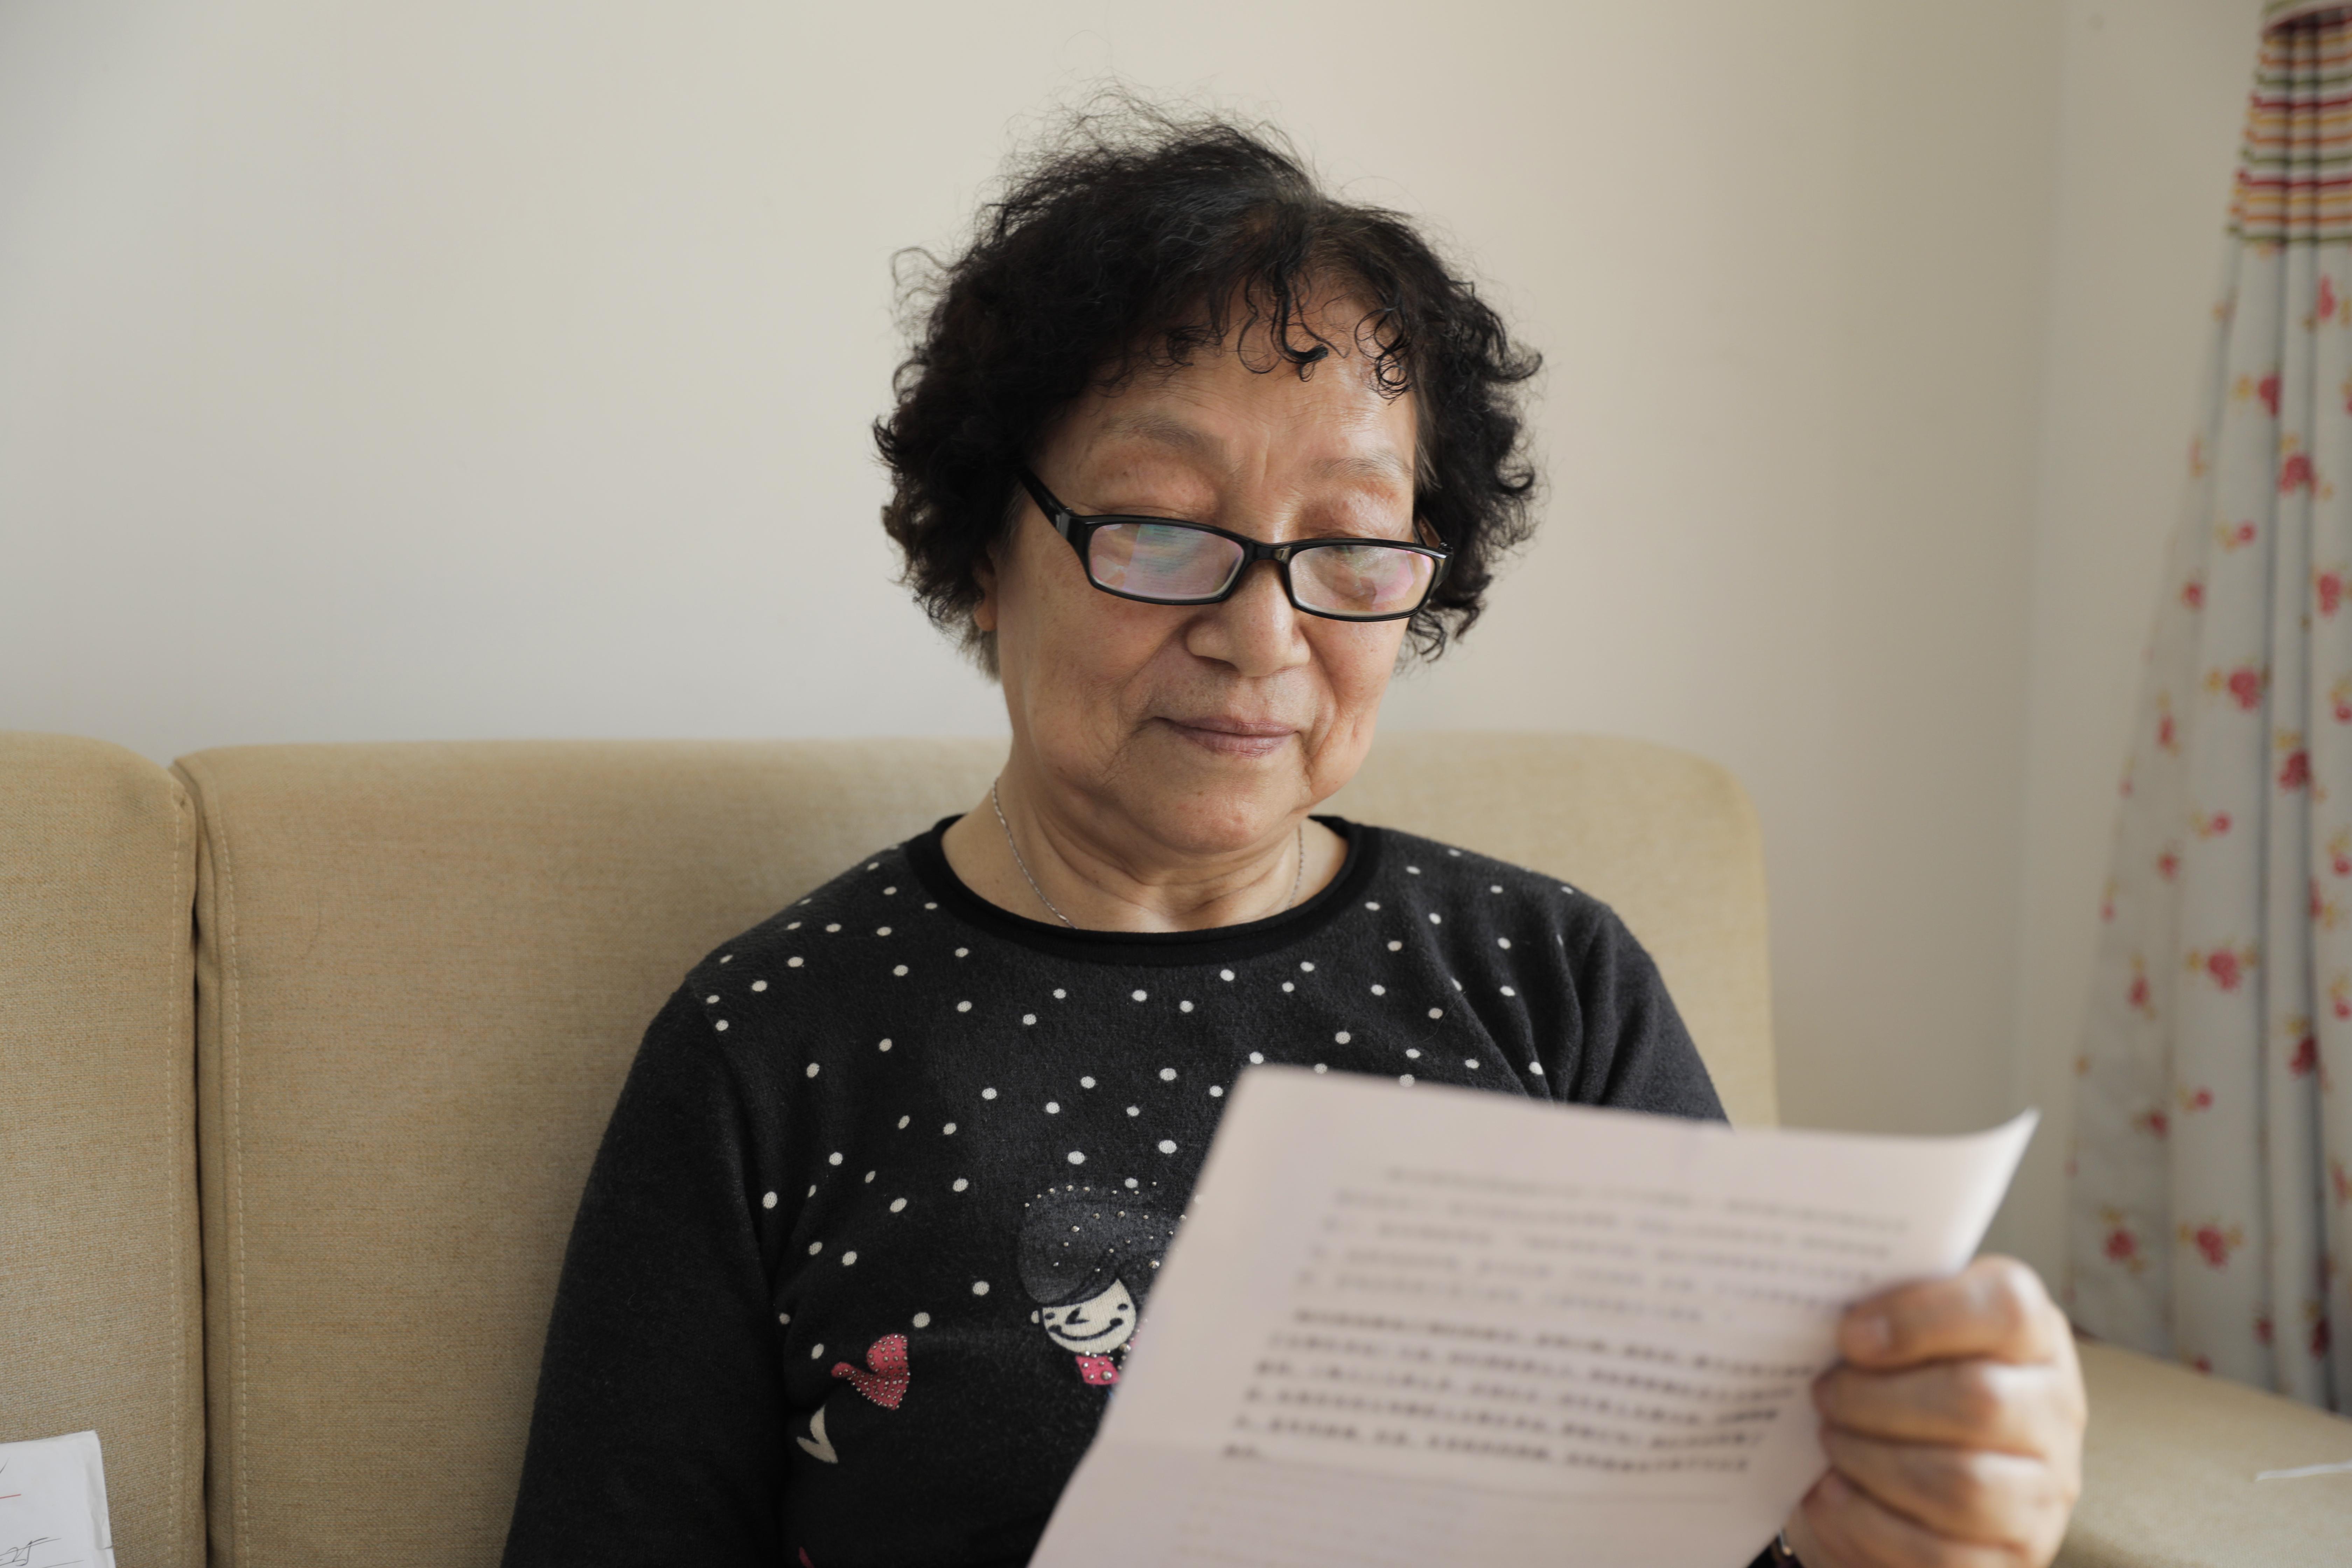 报道中陈文俊的女儿陈福娟读起了当年的文章,谈及与父母的往事,姐弟几人感慨良多。冯锐 图